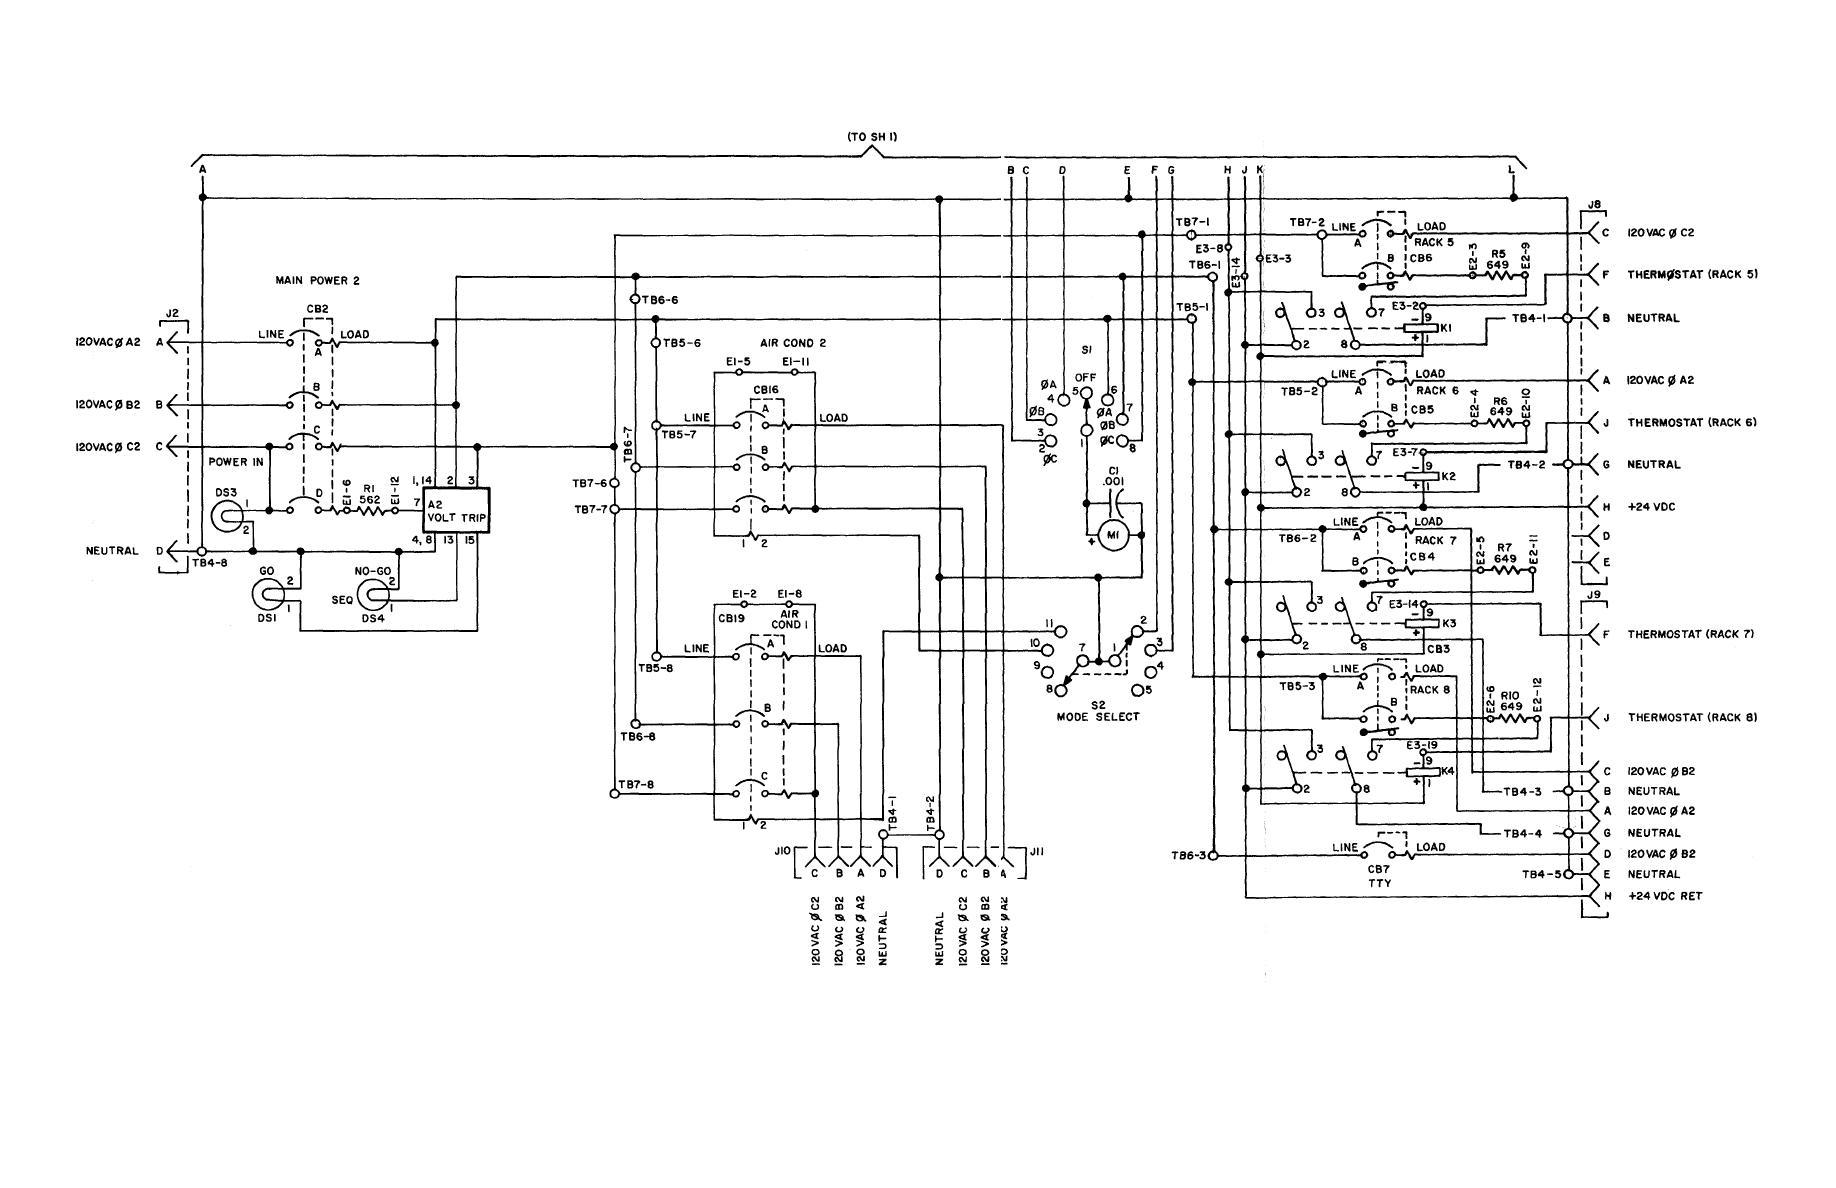 House Schematic Wiring Diagram